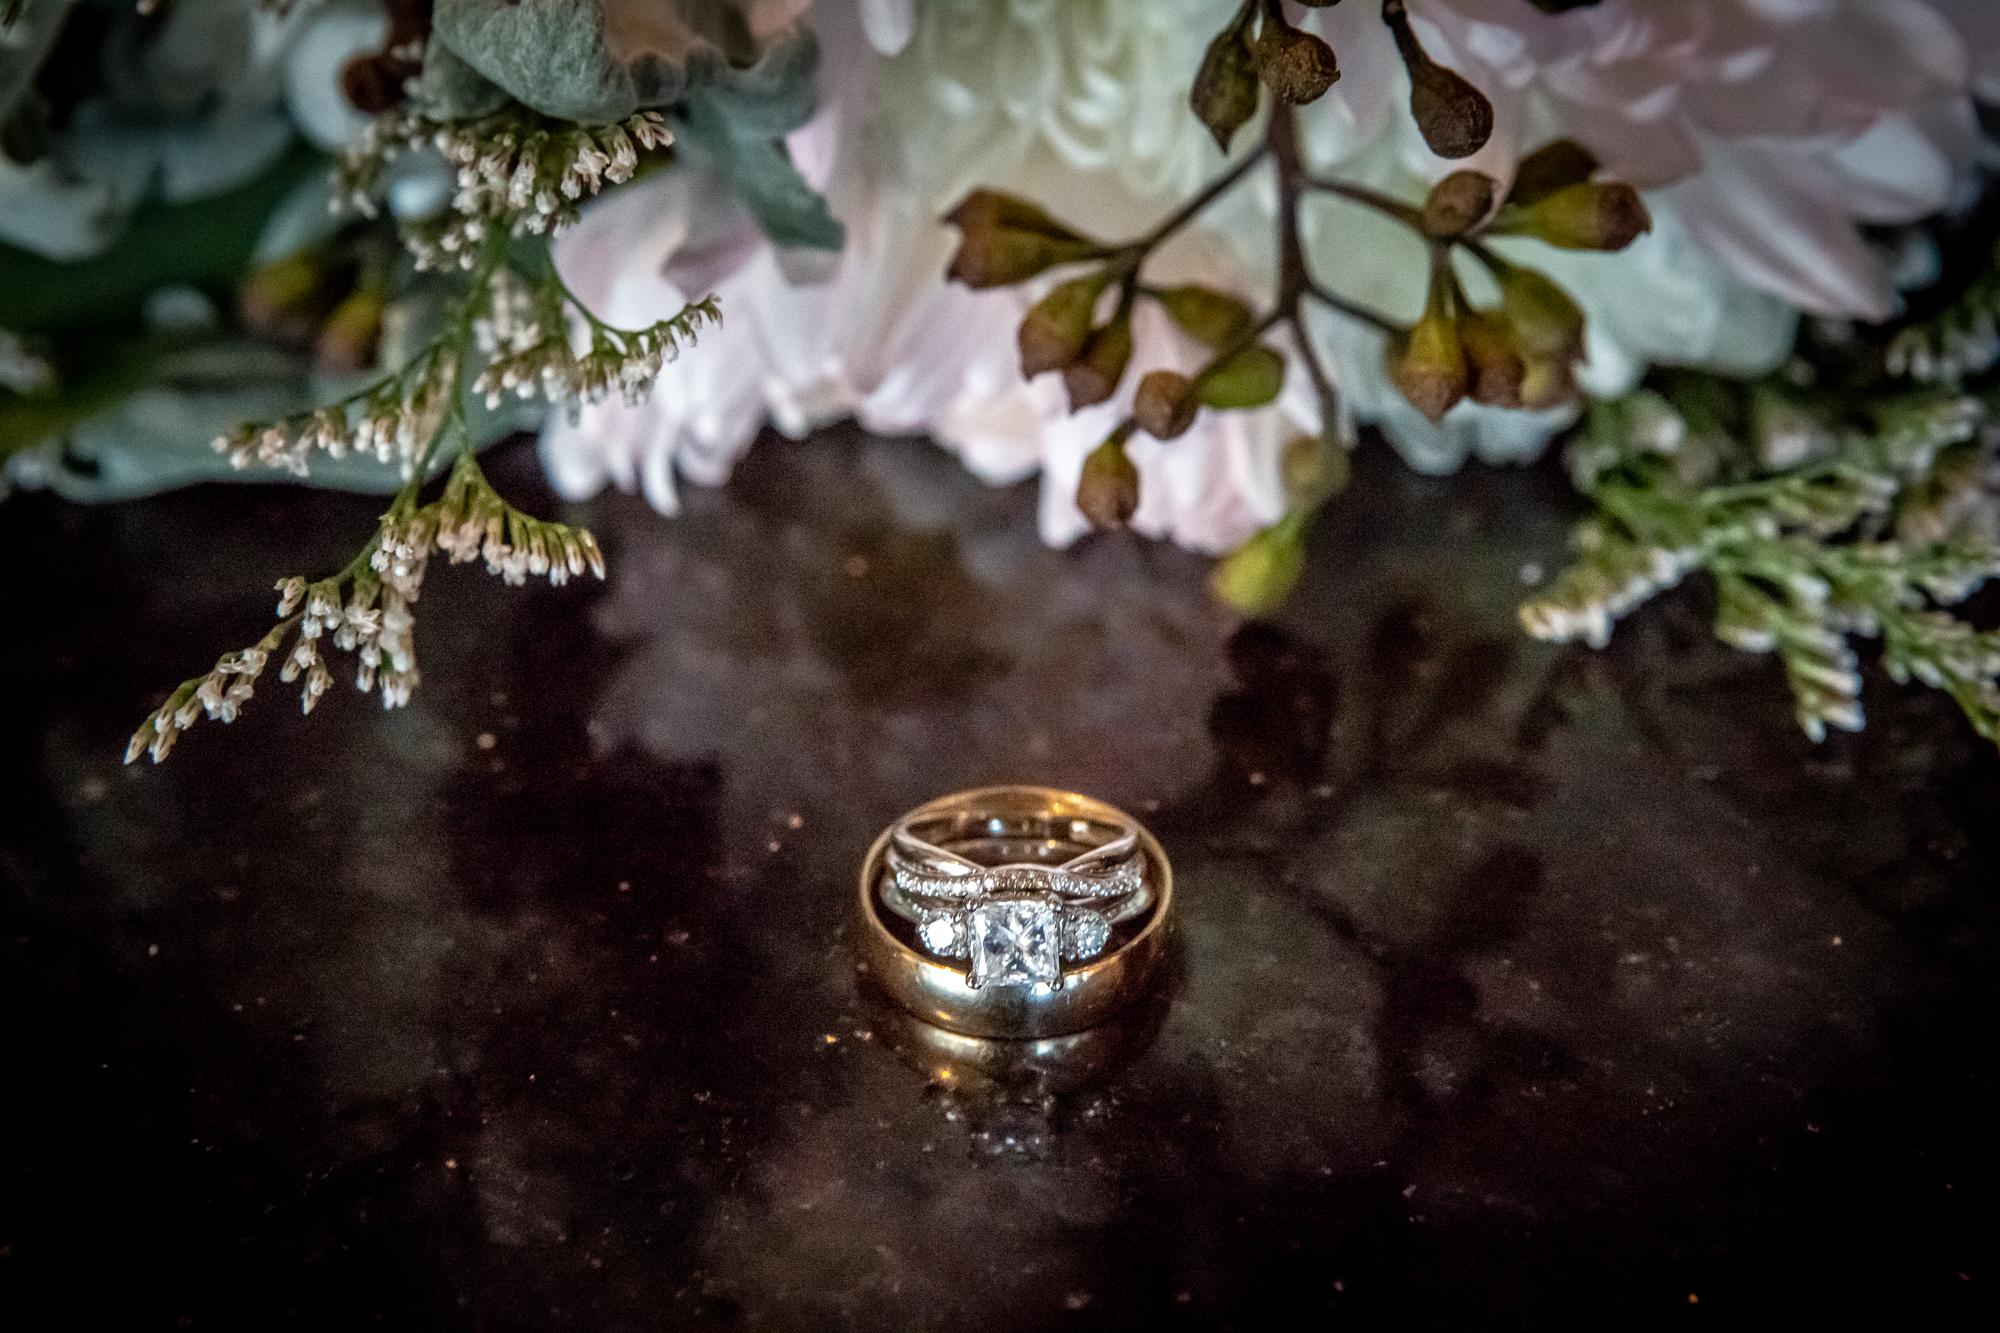 Ventosa-Vineyards-Geneva-NY-wedding-5513.jpg